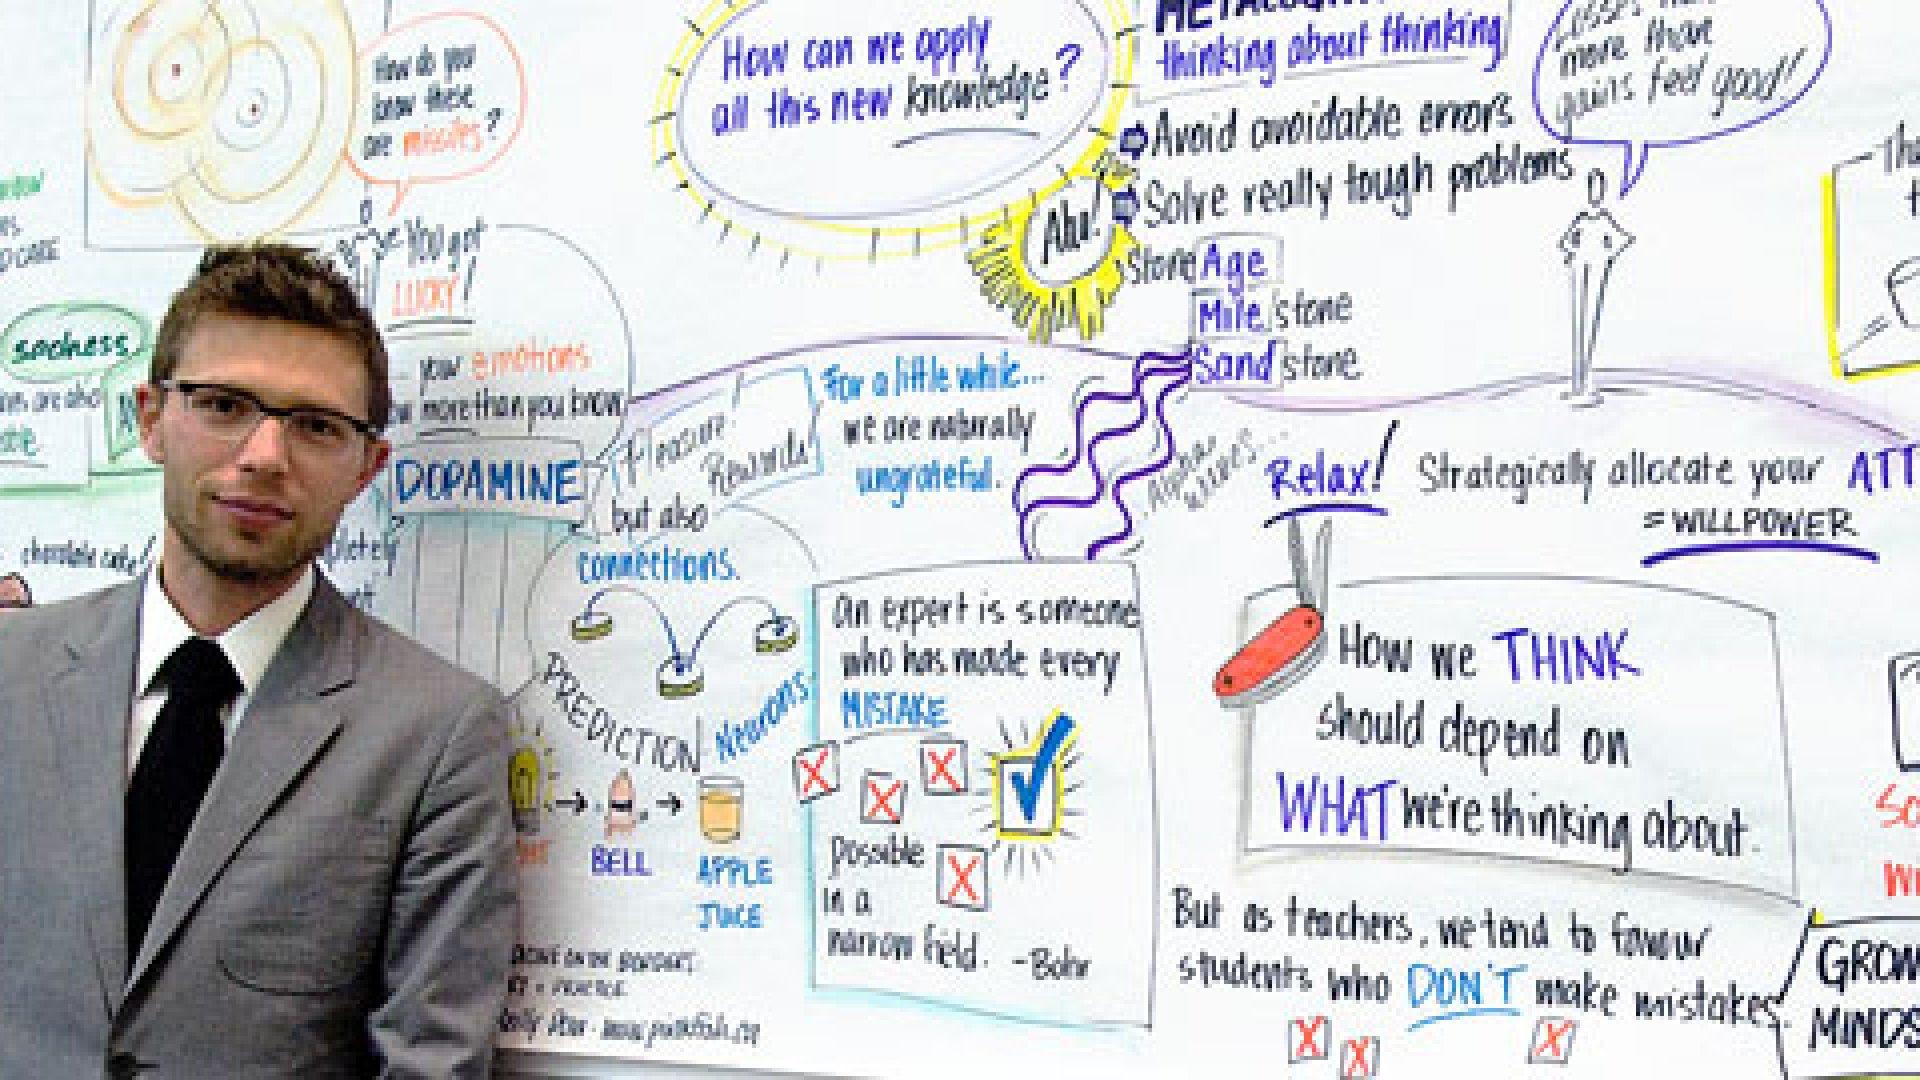 Creativity for Entrepreneurs: 4 Tips